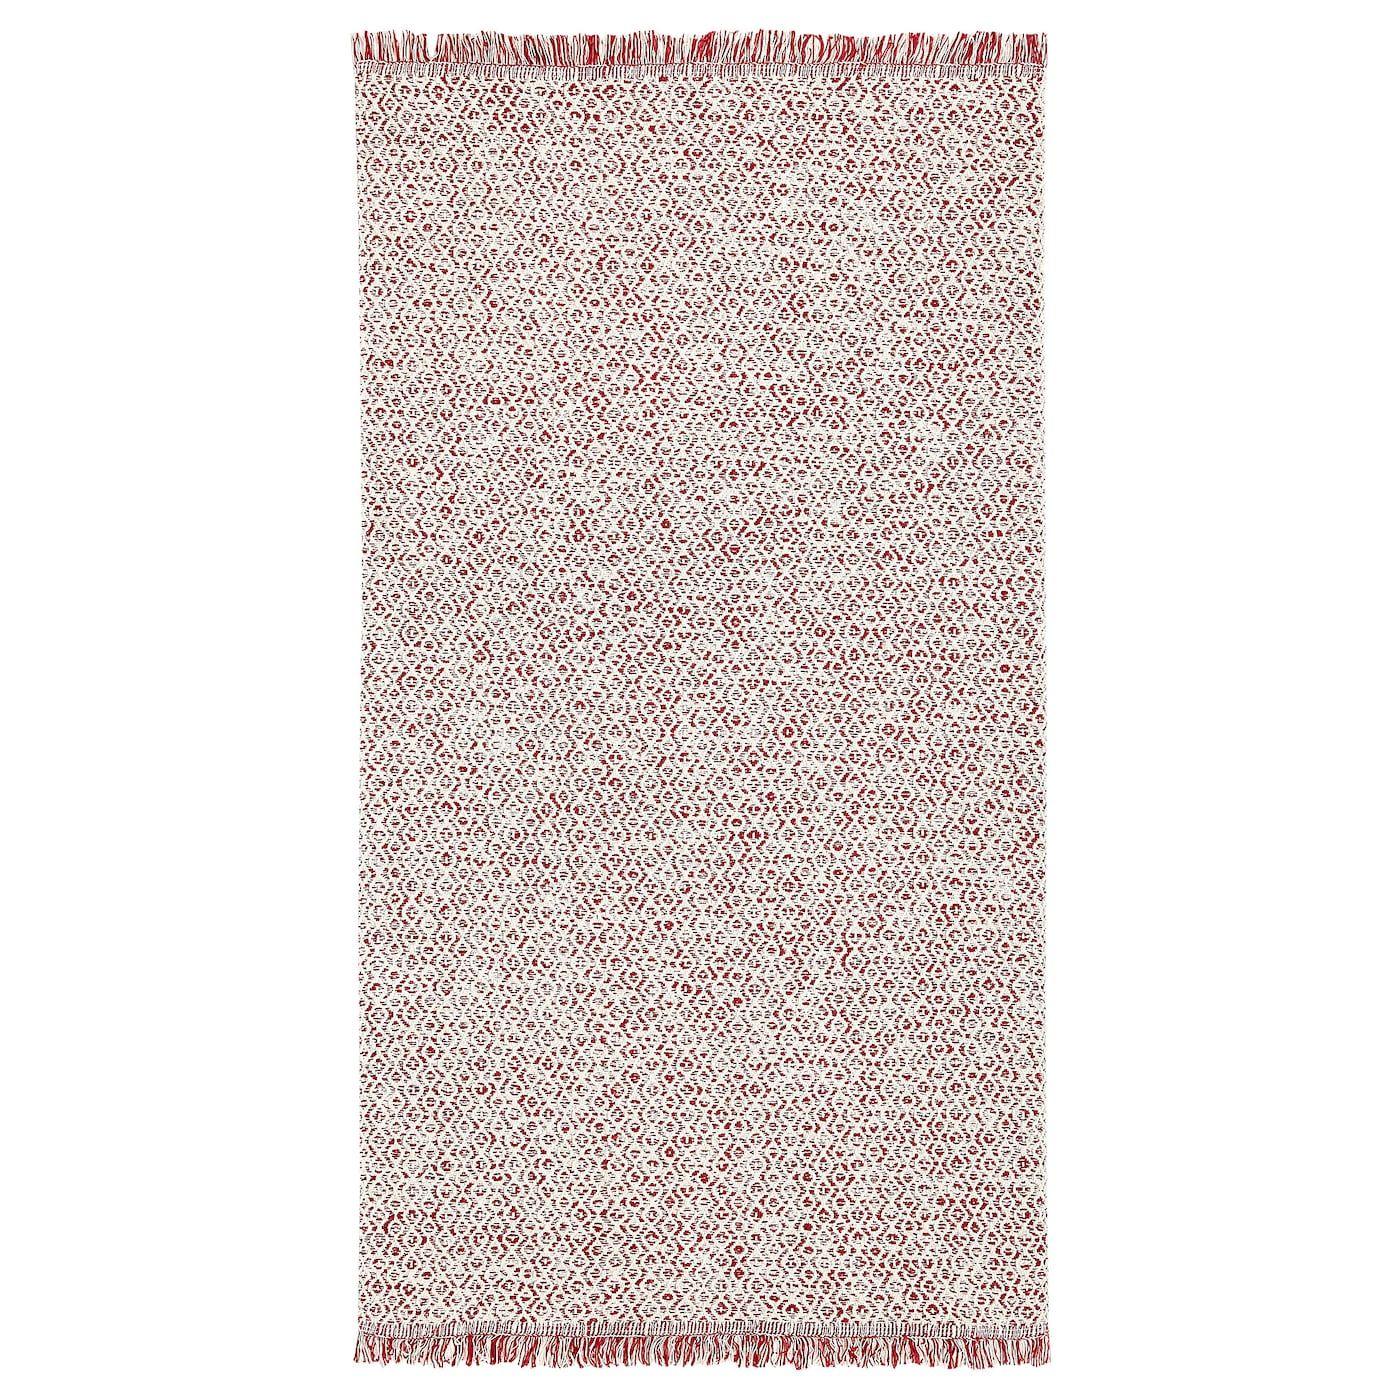 RÖrkÄr Teppich Flach Gewebt Rot Naturfarben 80x150 Cm Ikea Österreich Teppich Flach Gewebt Ikea Teppich Naturfarben